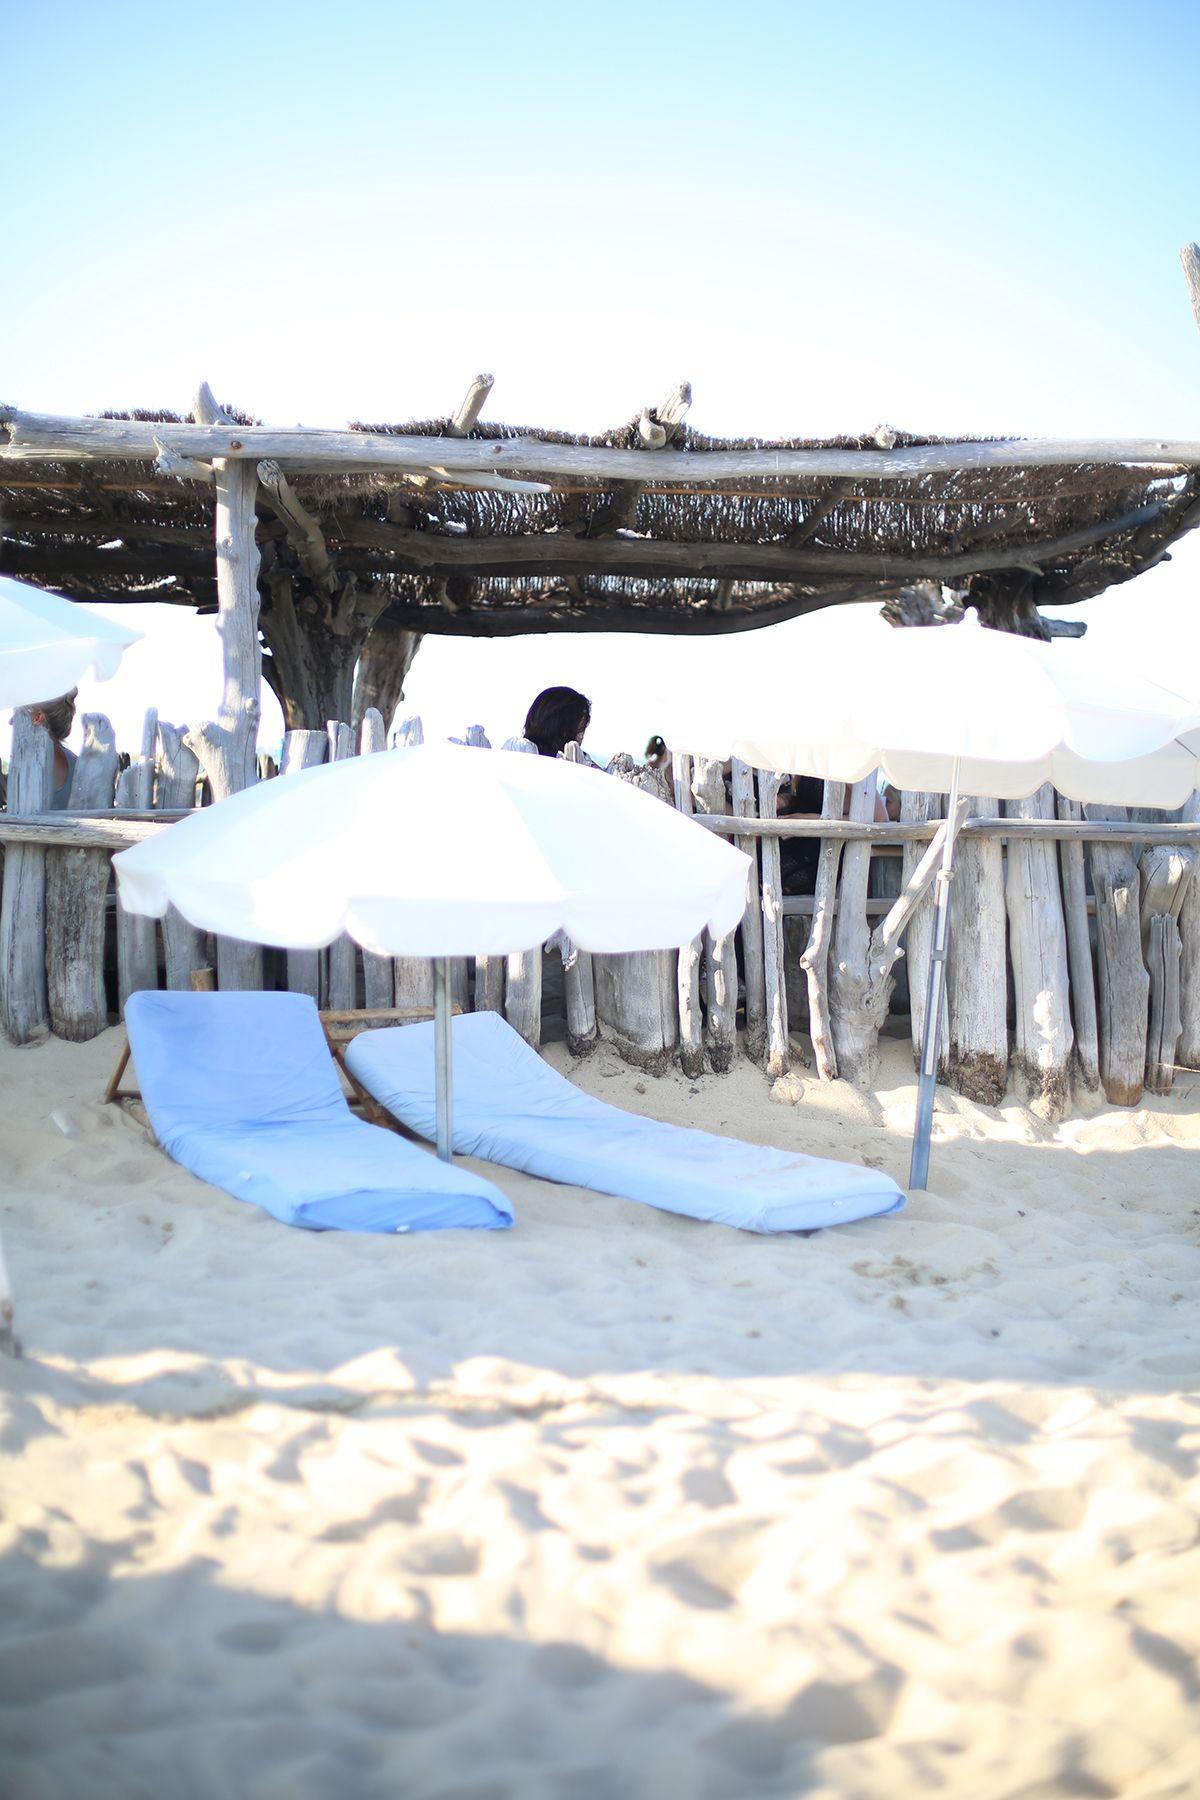 1ff5298ee7d78 Avec Sofié blog - Le Club 55 Saint Tropez South of France.  LeClub55   SaintTropez  FrenchRiviera  CoteDazur  Bikini